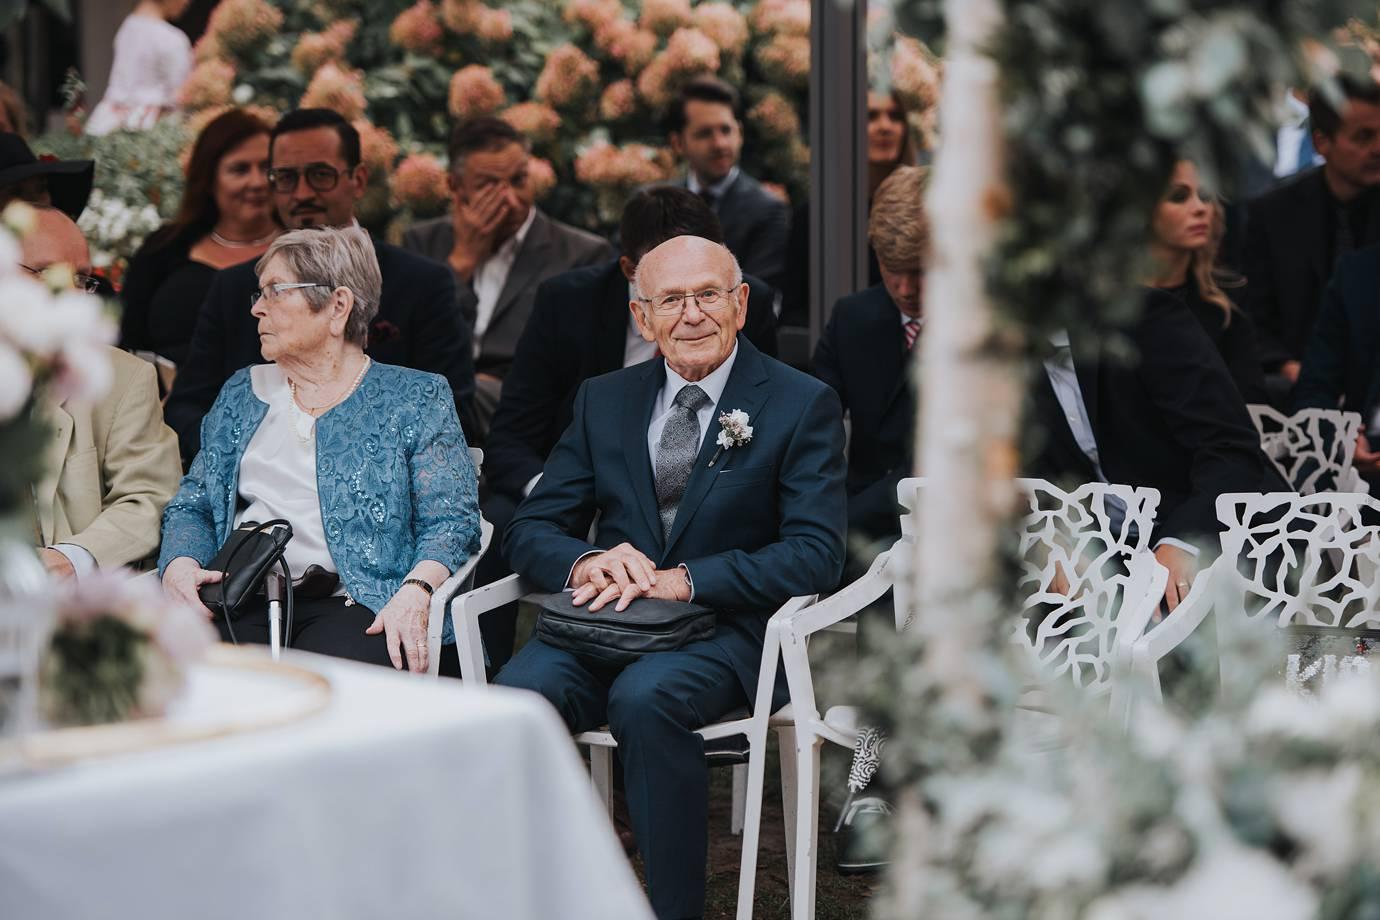 Hochzeit in der Meierei im Bürgerpark Bremen